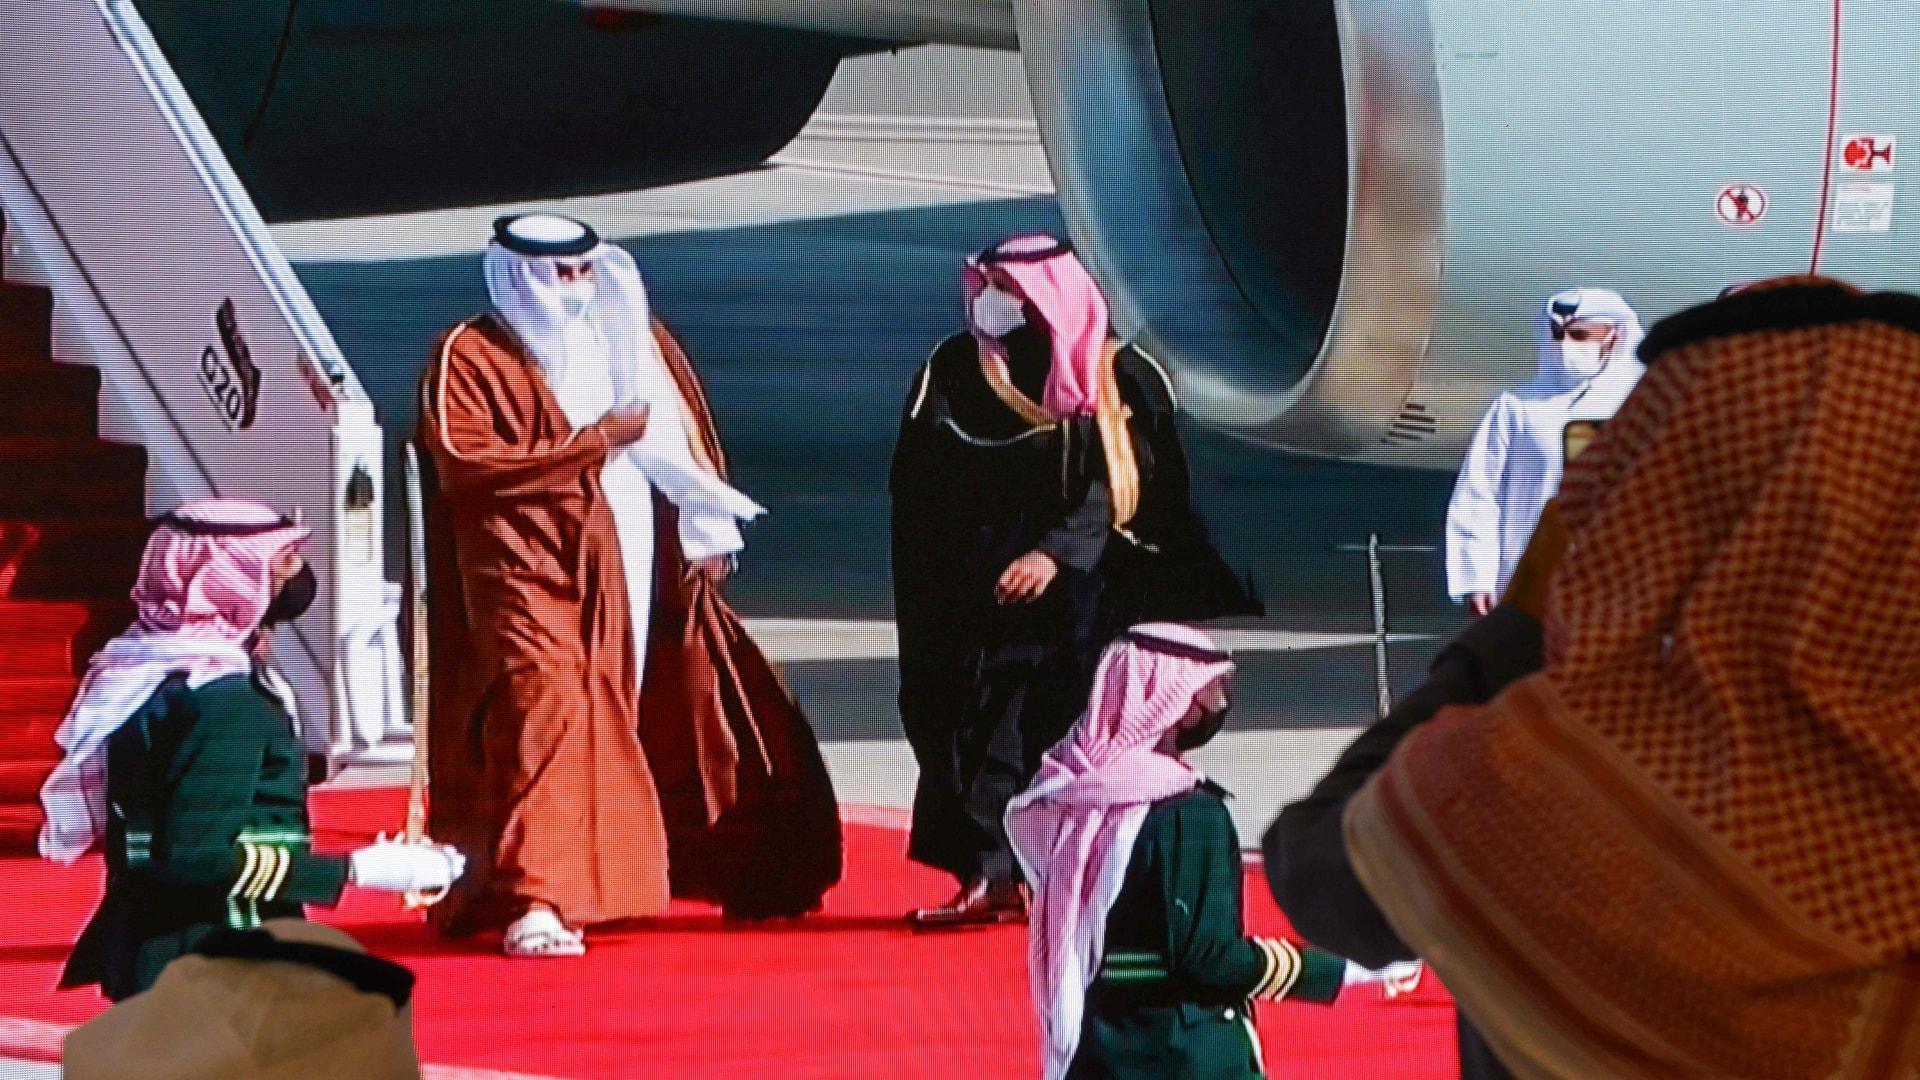 بعد يوم من اتصاله بالسيسي.. أمير قطر يتحدث مع ولي العهد السعودي